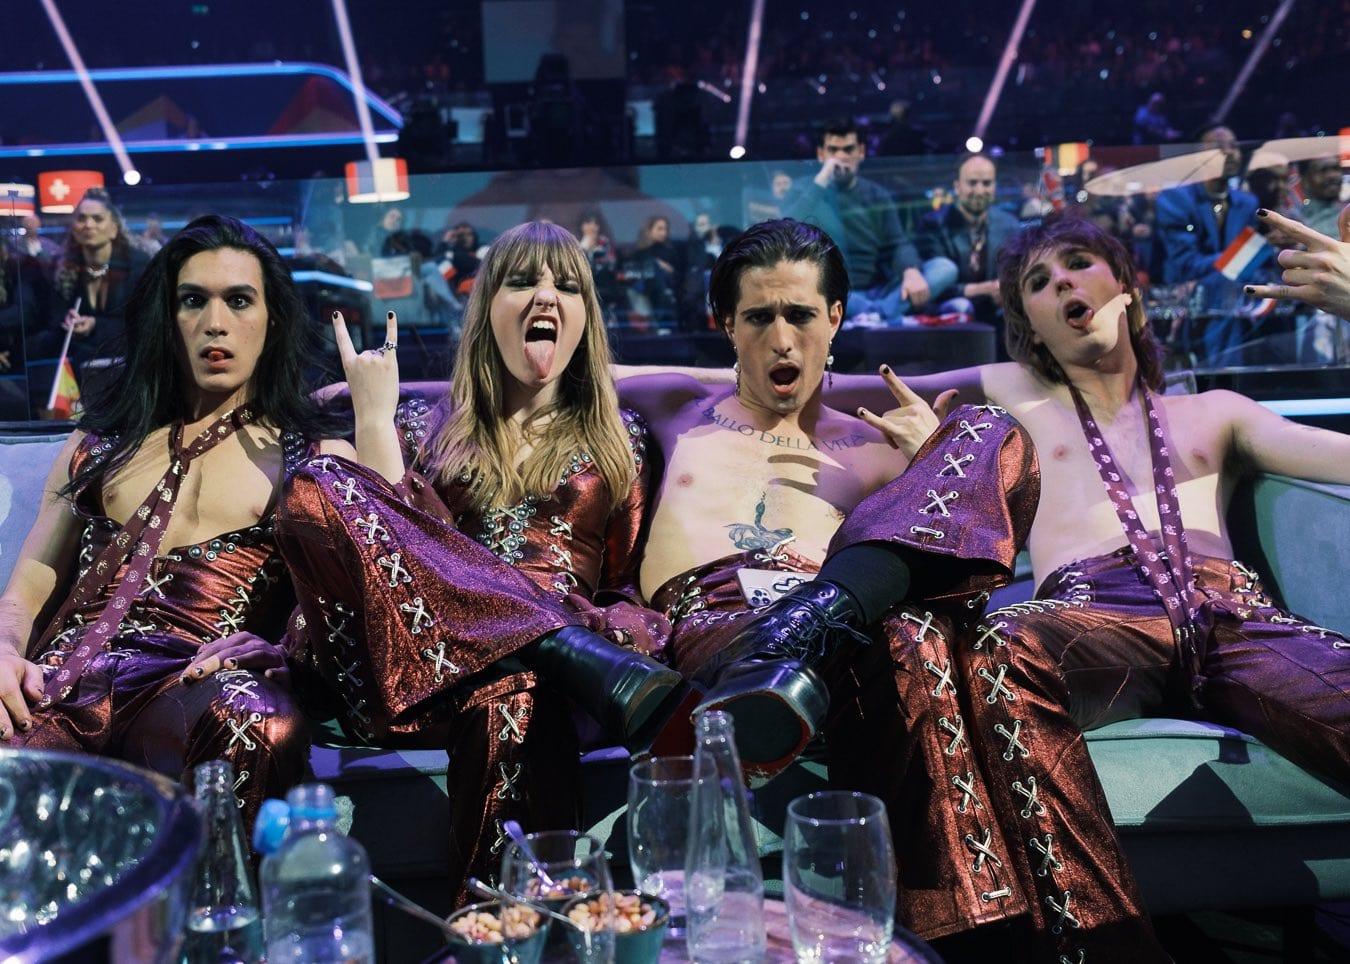 Zitti e buoni dei Maneskin vince l'Eurovision 2021... scoppia la polemica